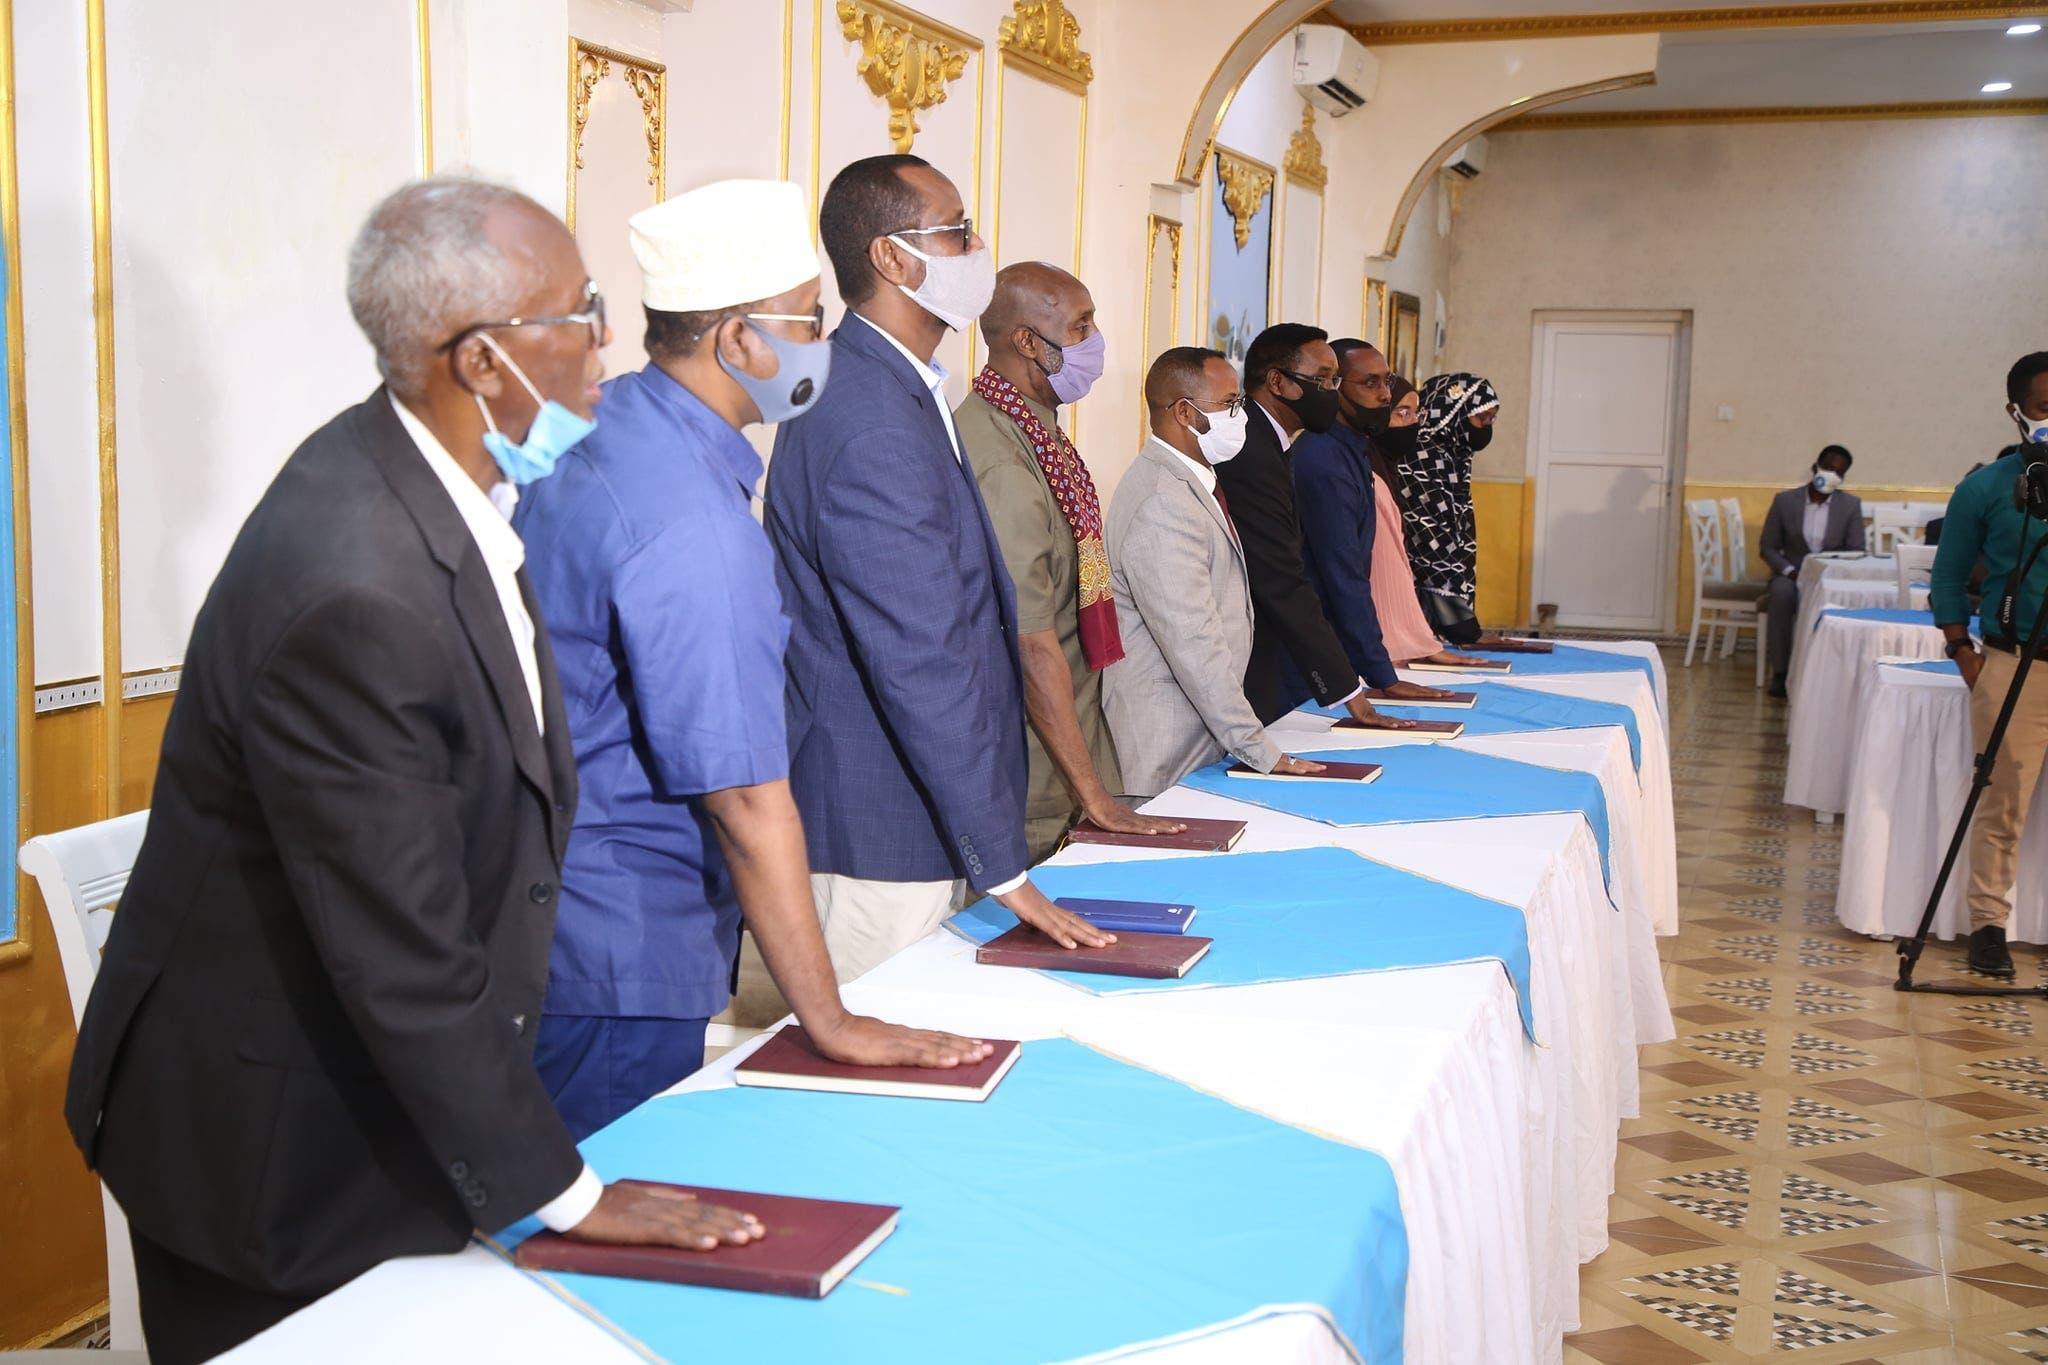 DEG DEG: Aqalka Sare oo sharci-darro ka dhigay guddigii shalay lagu dhaariyey Villa Somalia